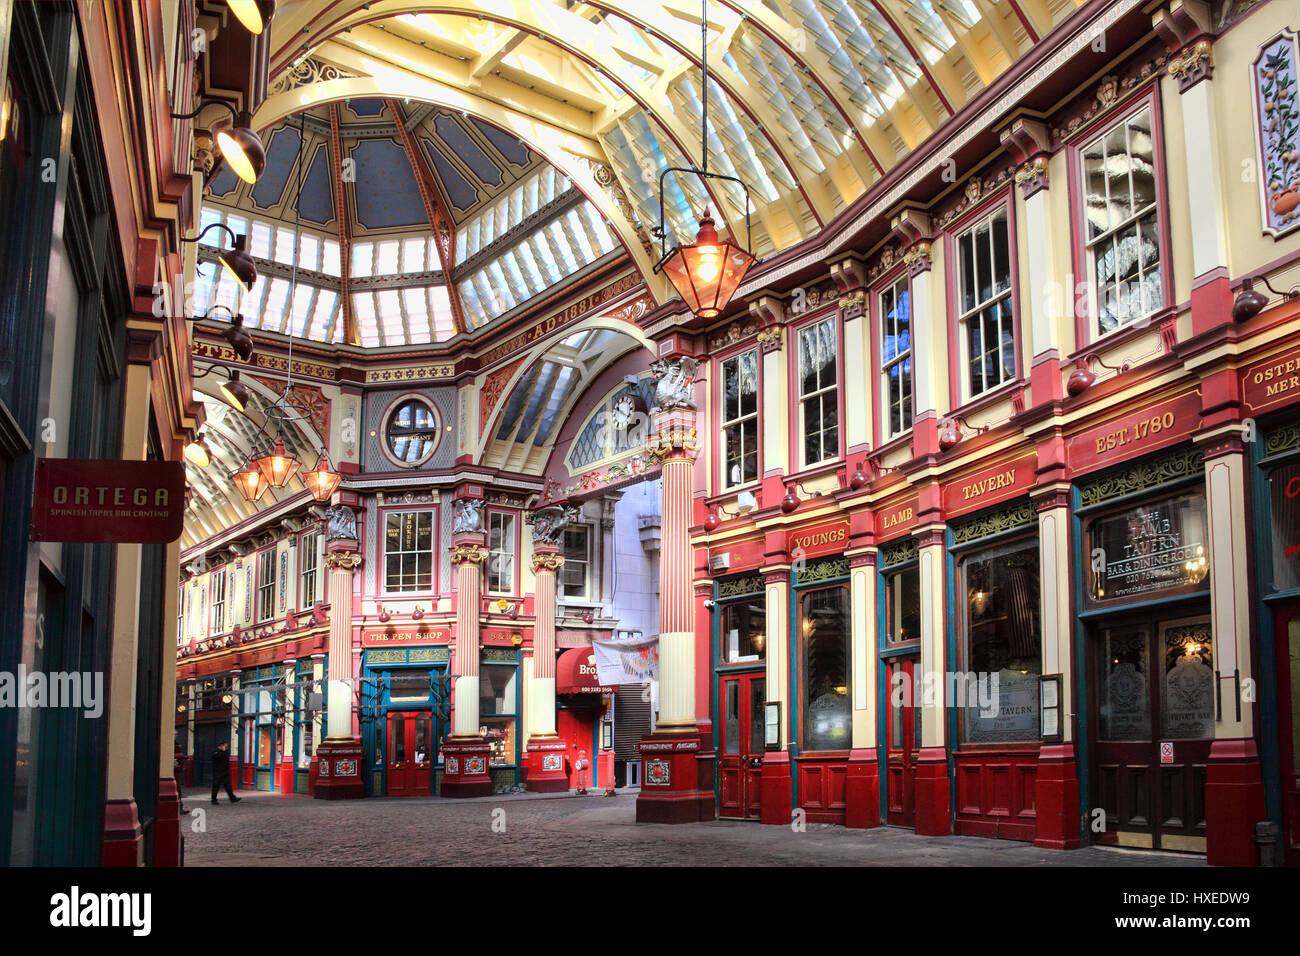 London, UK, 19. März 2011: Leadenhall Market in Gracechurch Street hat eine gedeckte Dach und vertreibt hauptsächlich Stockbild